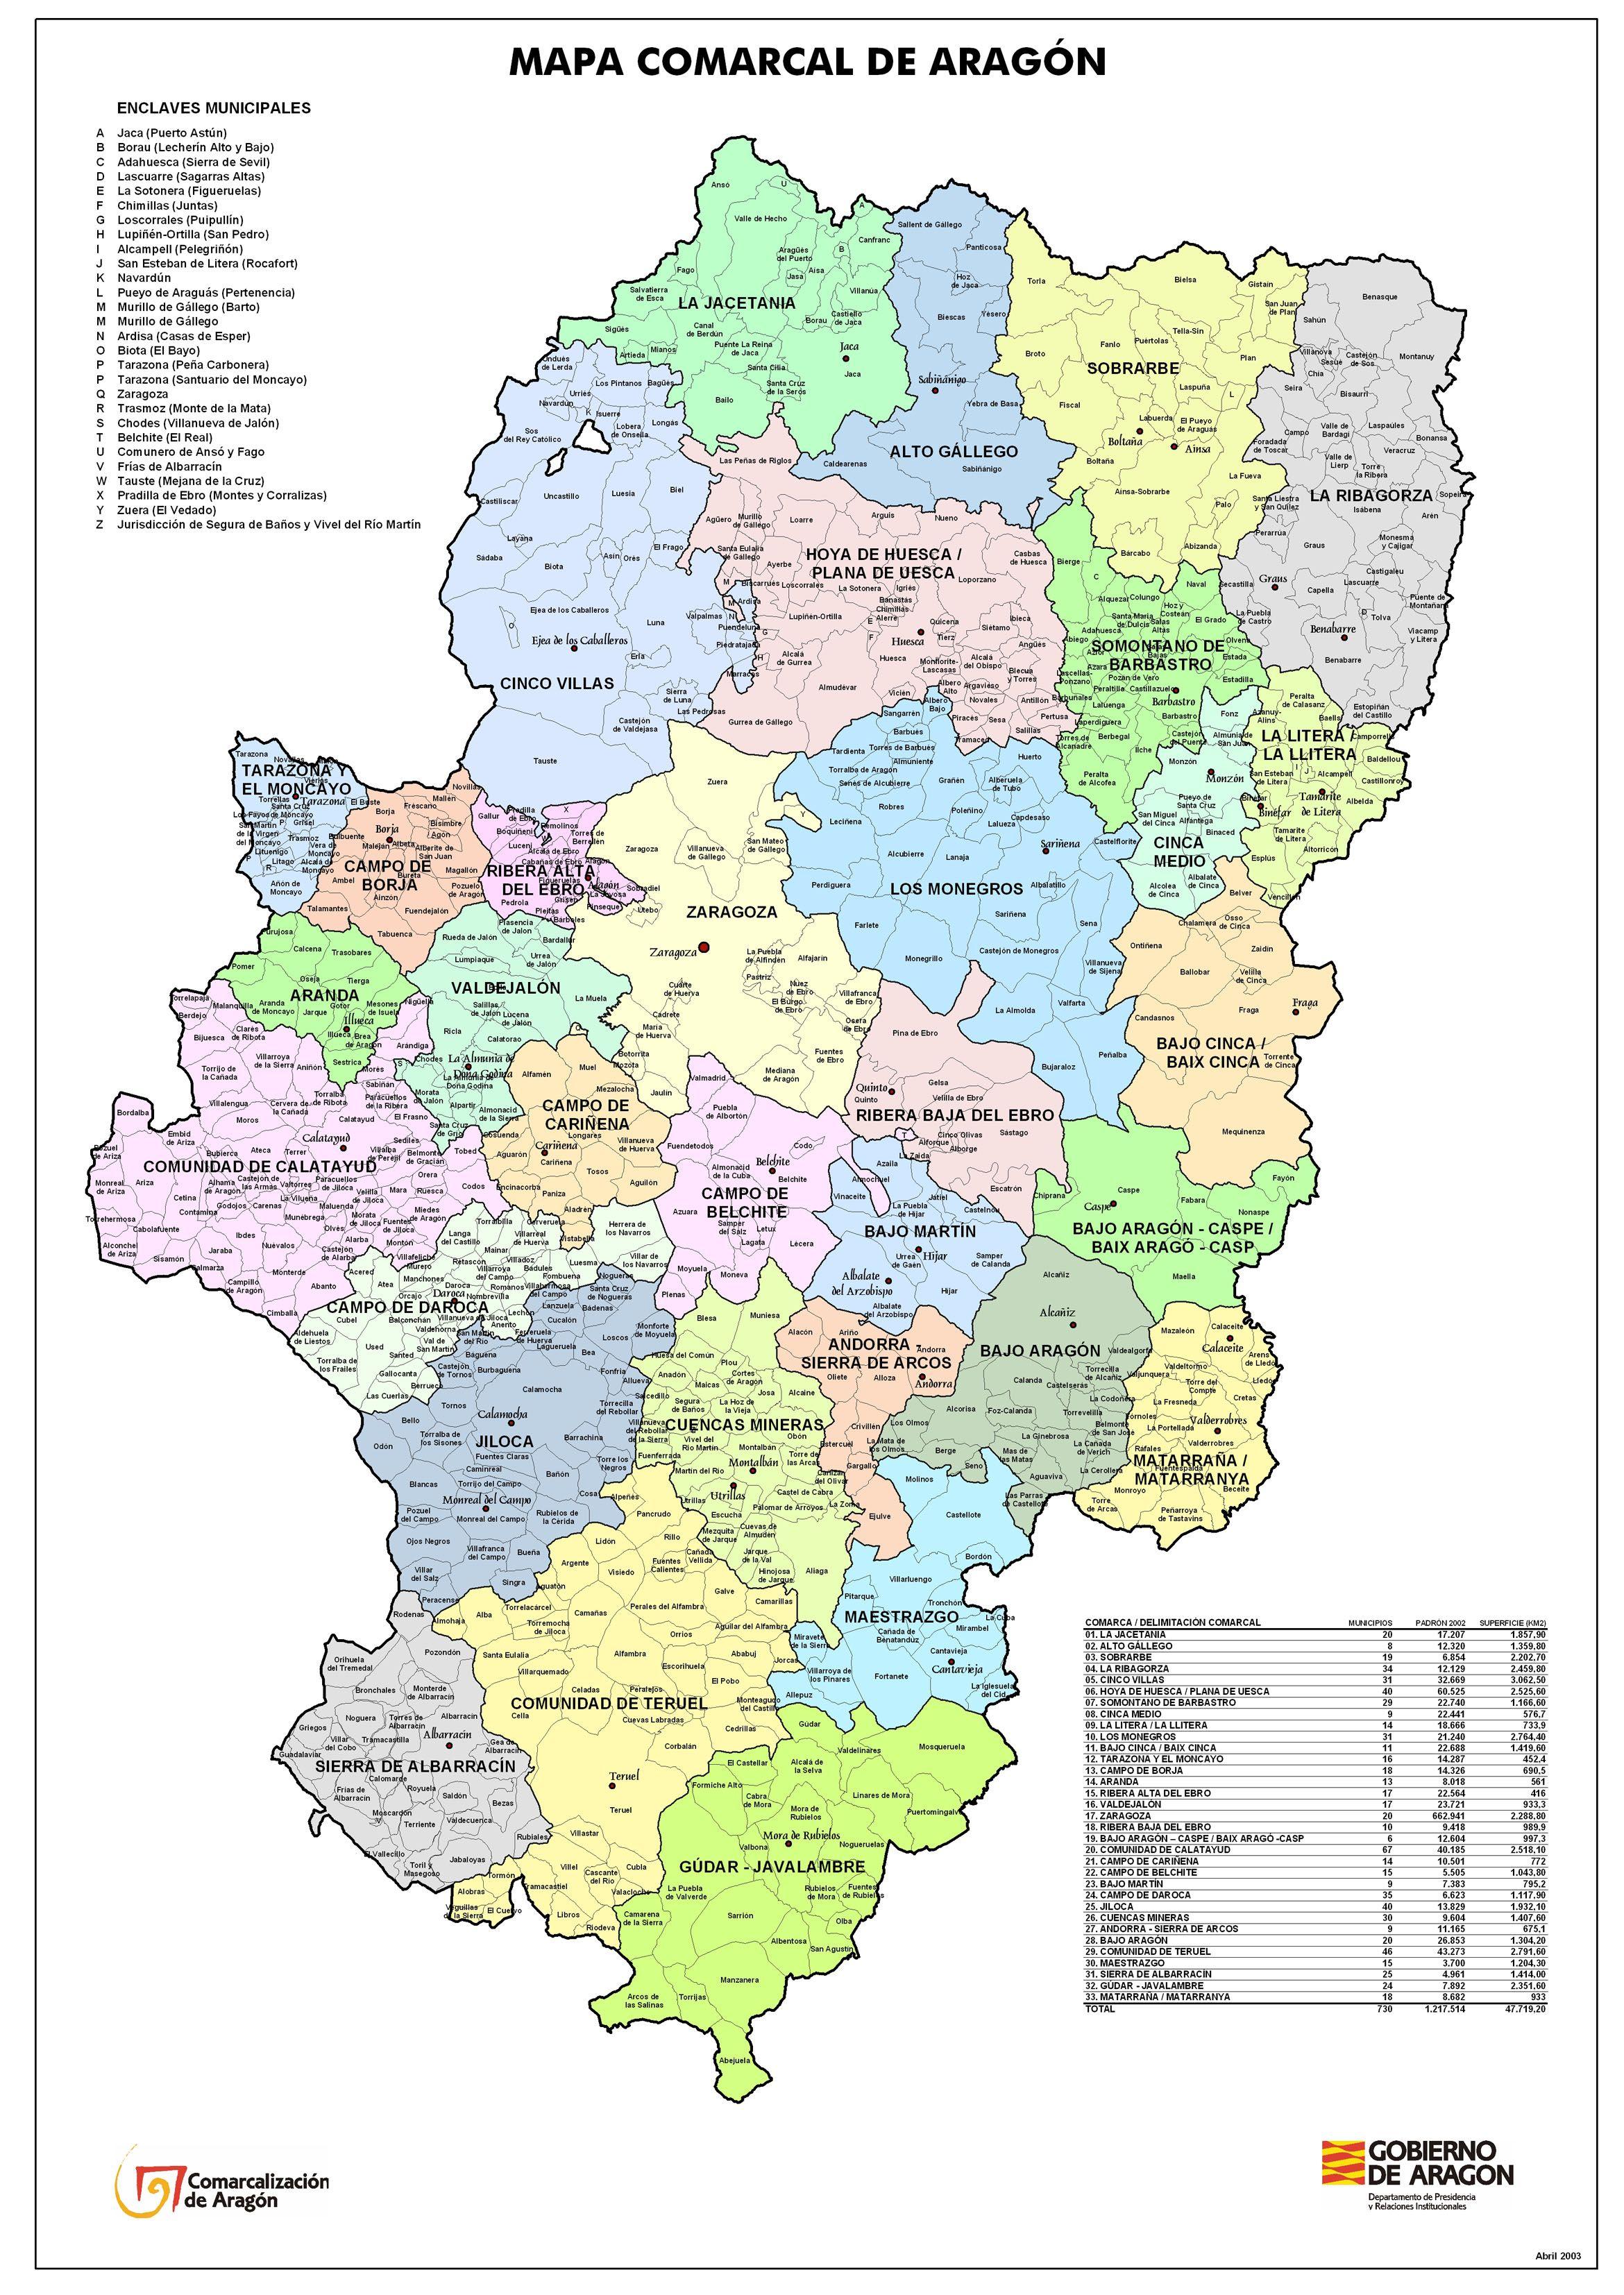 Aragon Esta Dividida Por Tres Provincias Huesca Zaragoza Y